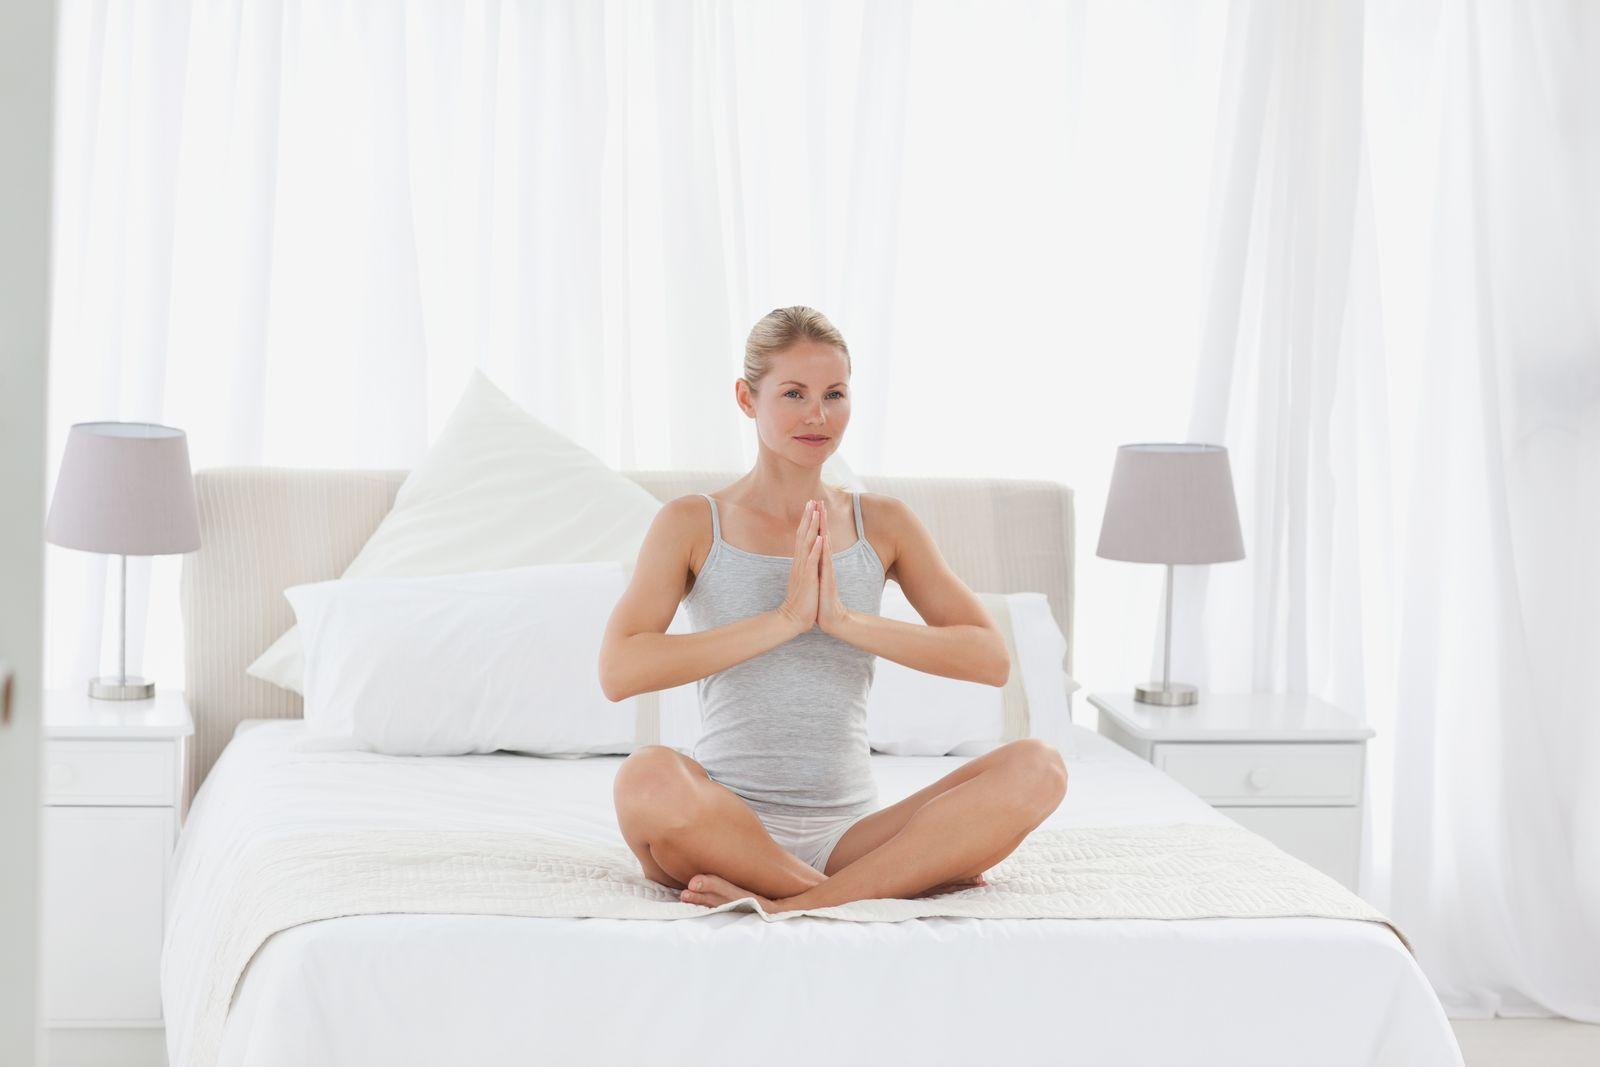 NICHT MEHR VERWENDEN! - Yoga im Hotelzimmer / auf dem Bett